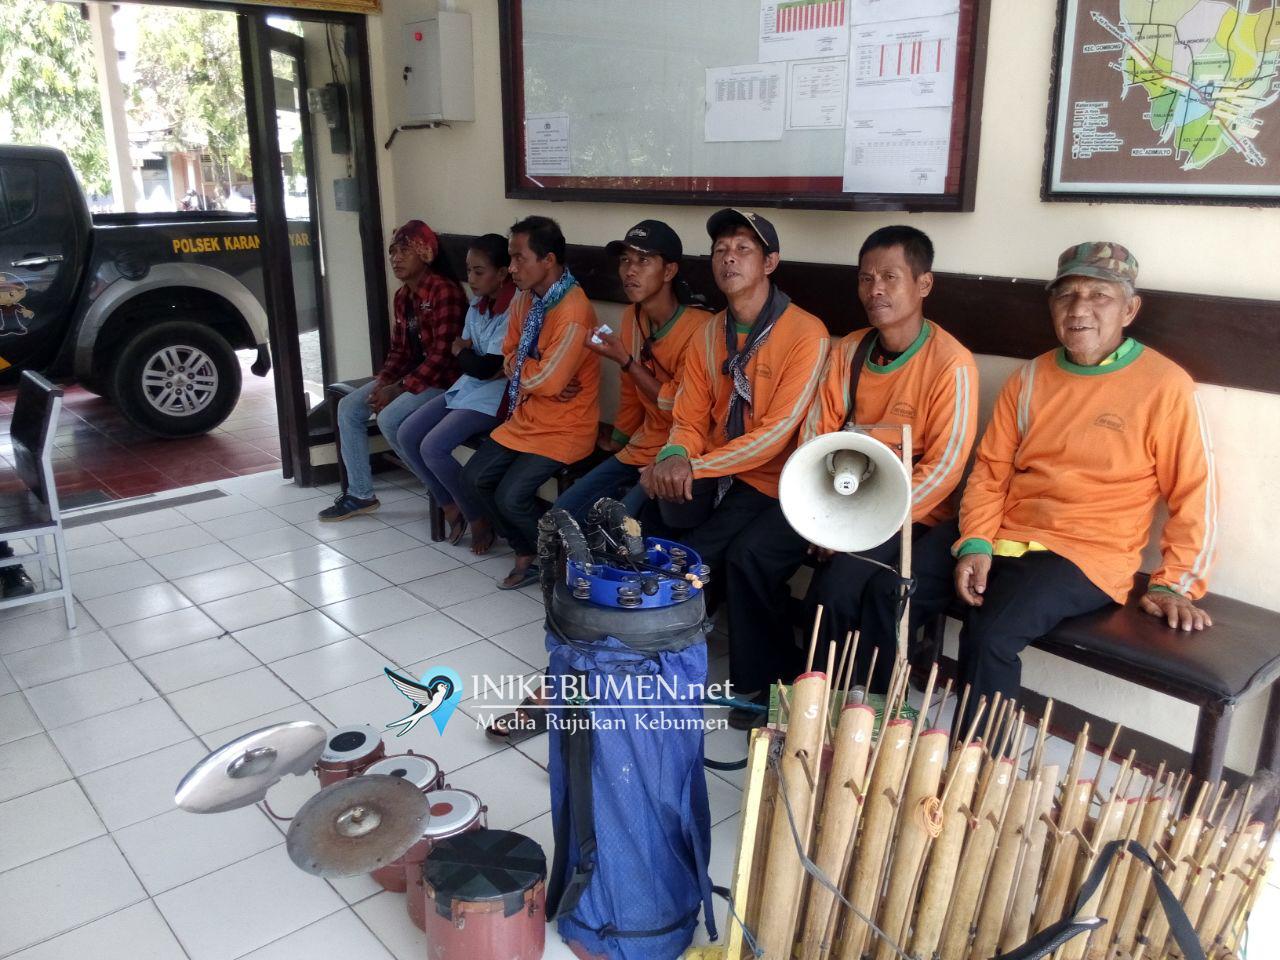 Ngamen di Alun-alun Karanganyar, Enam Pengamen Ditangkap Polisi